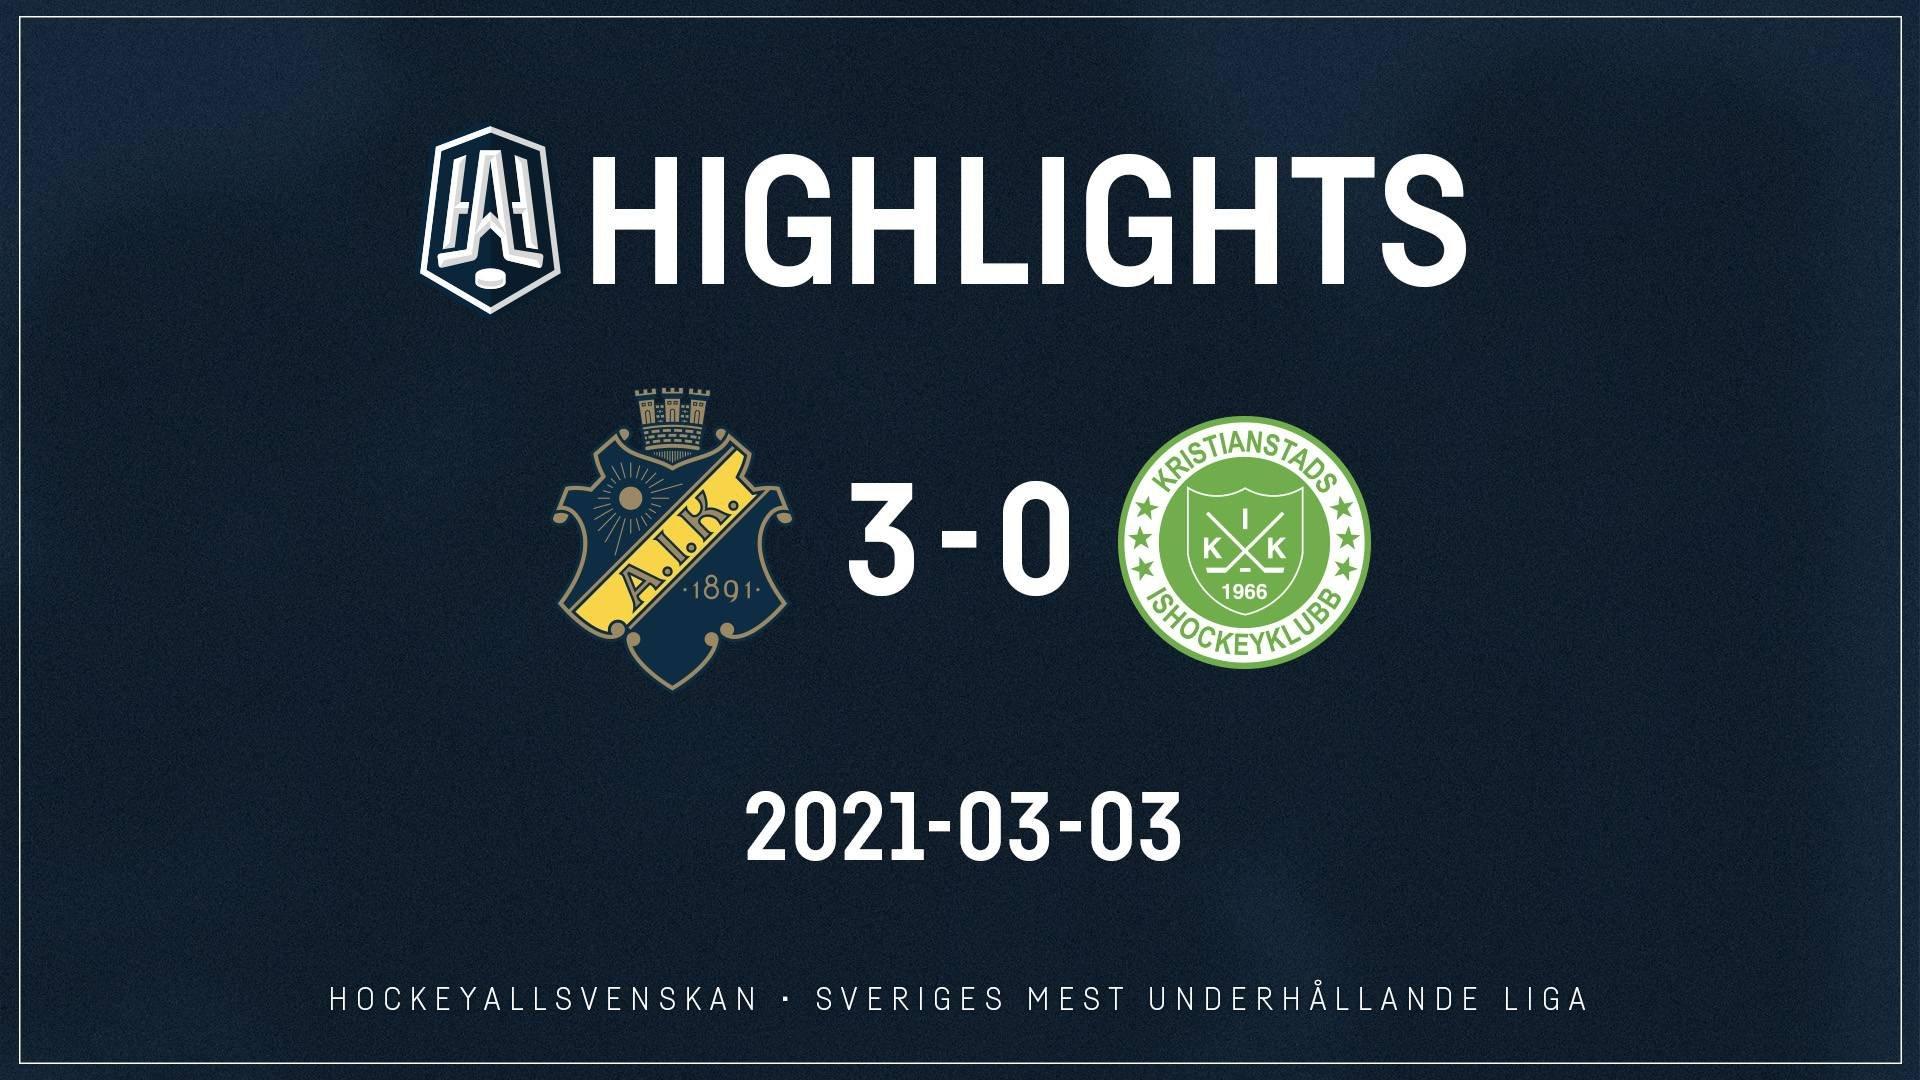 2021-03-03 AIK - Kristianstad 3-0